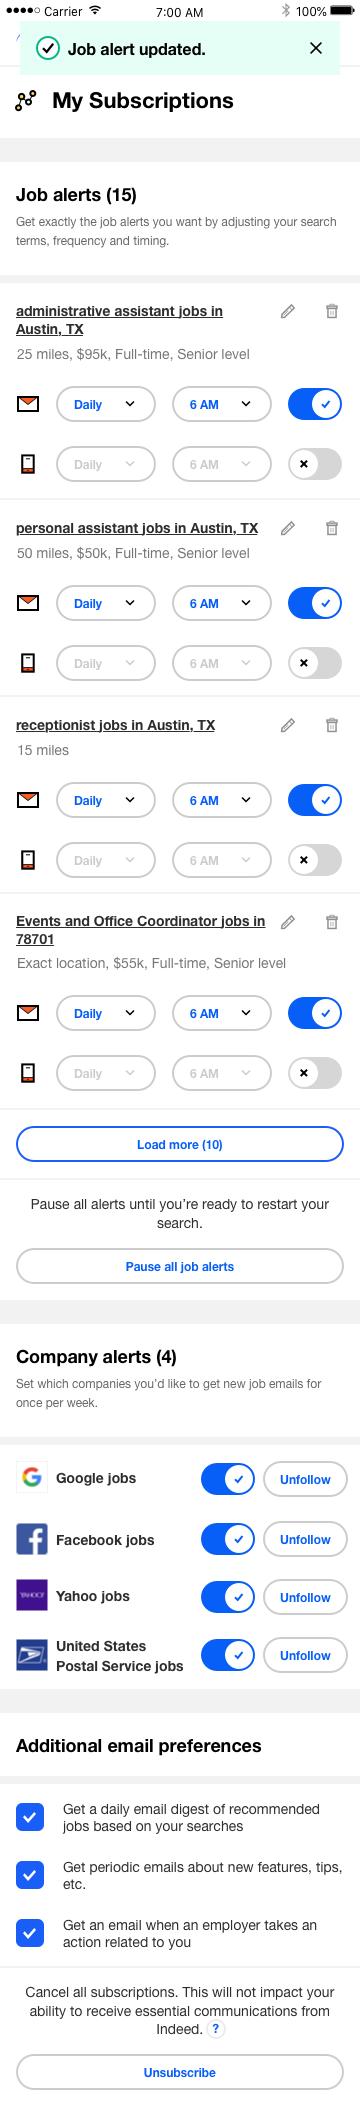 Subway Web App 2.0 V2 - Mobile Alert.png